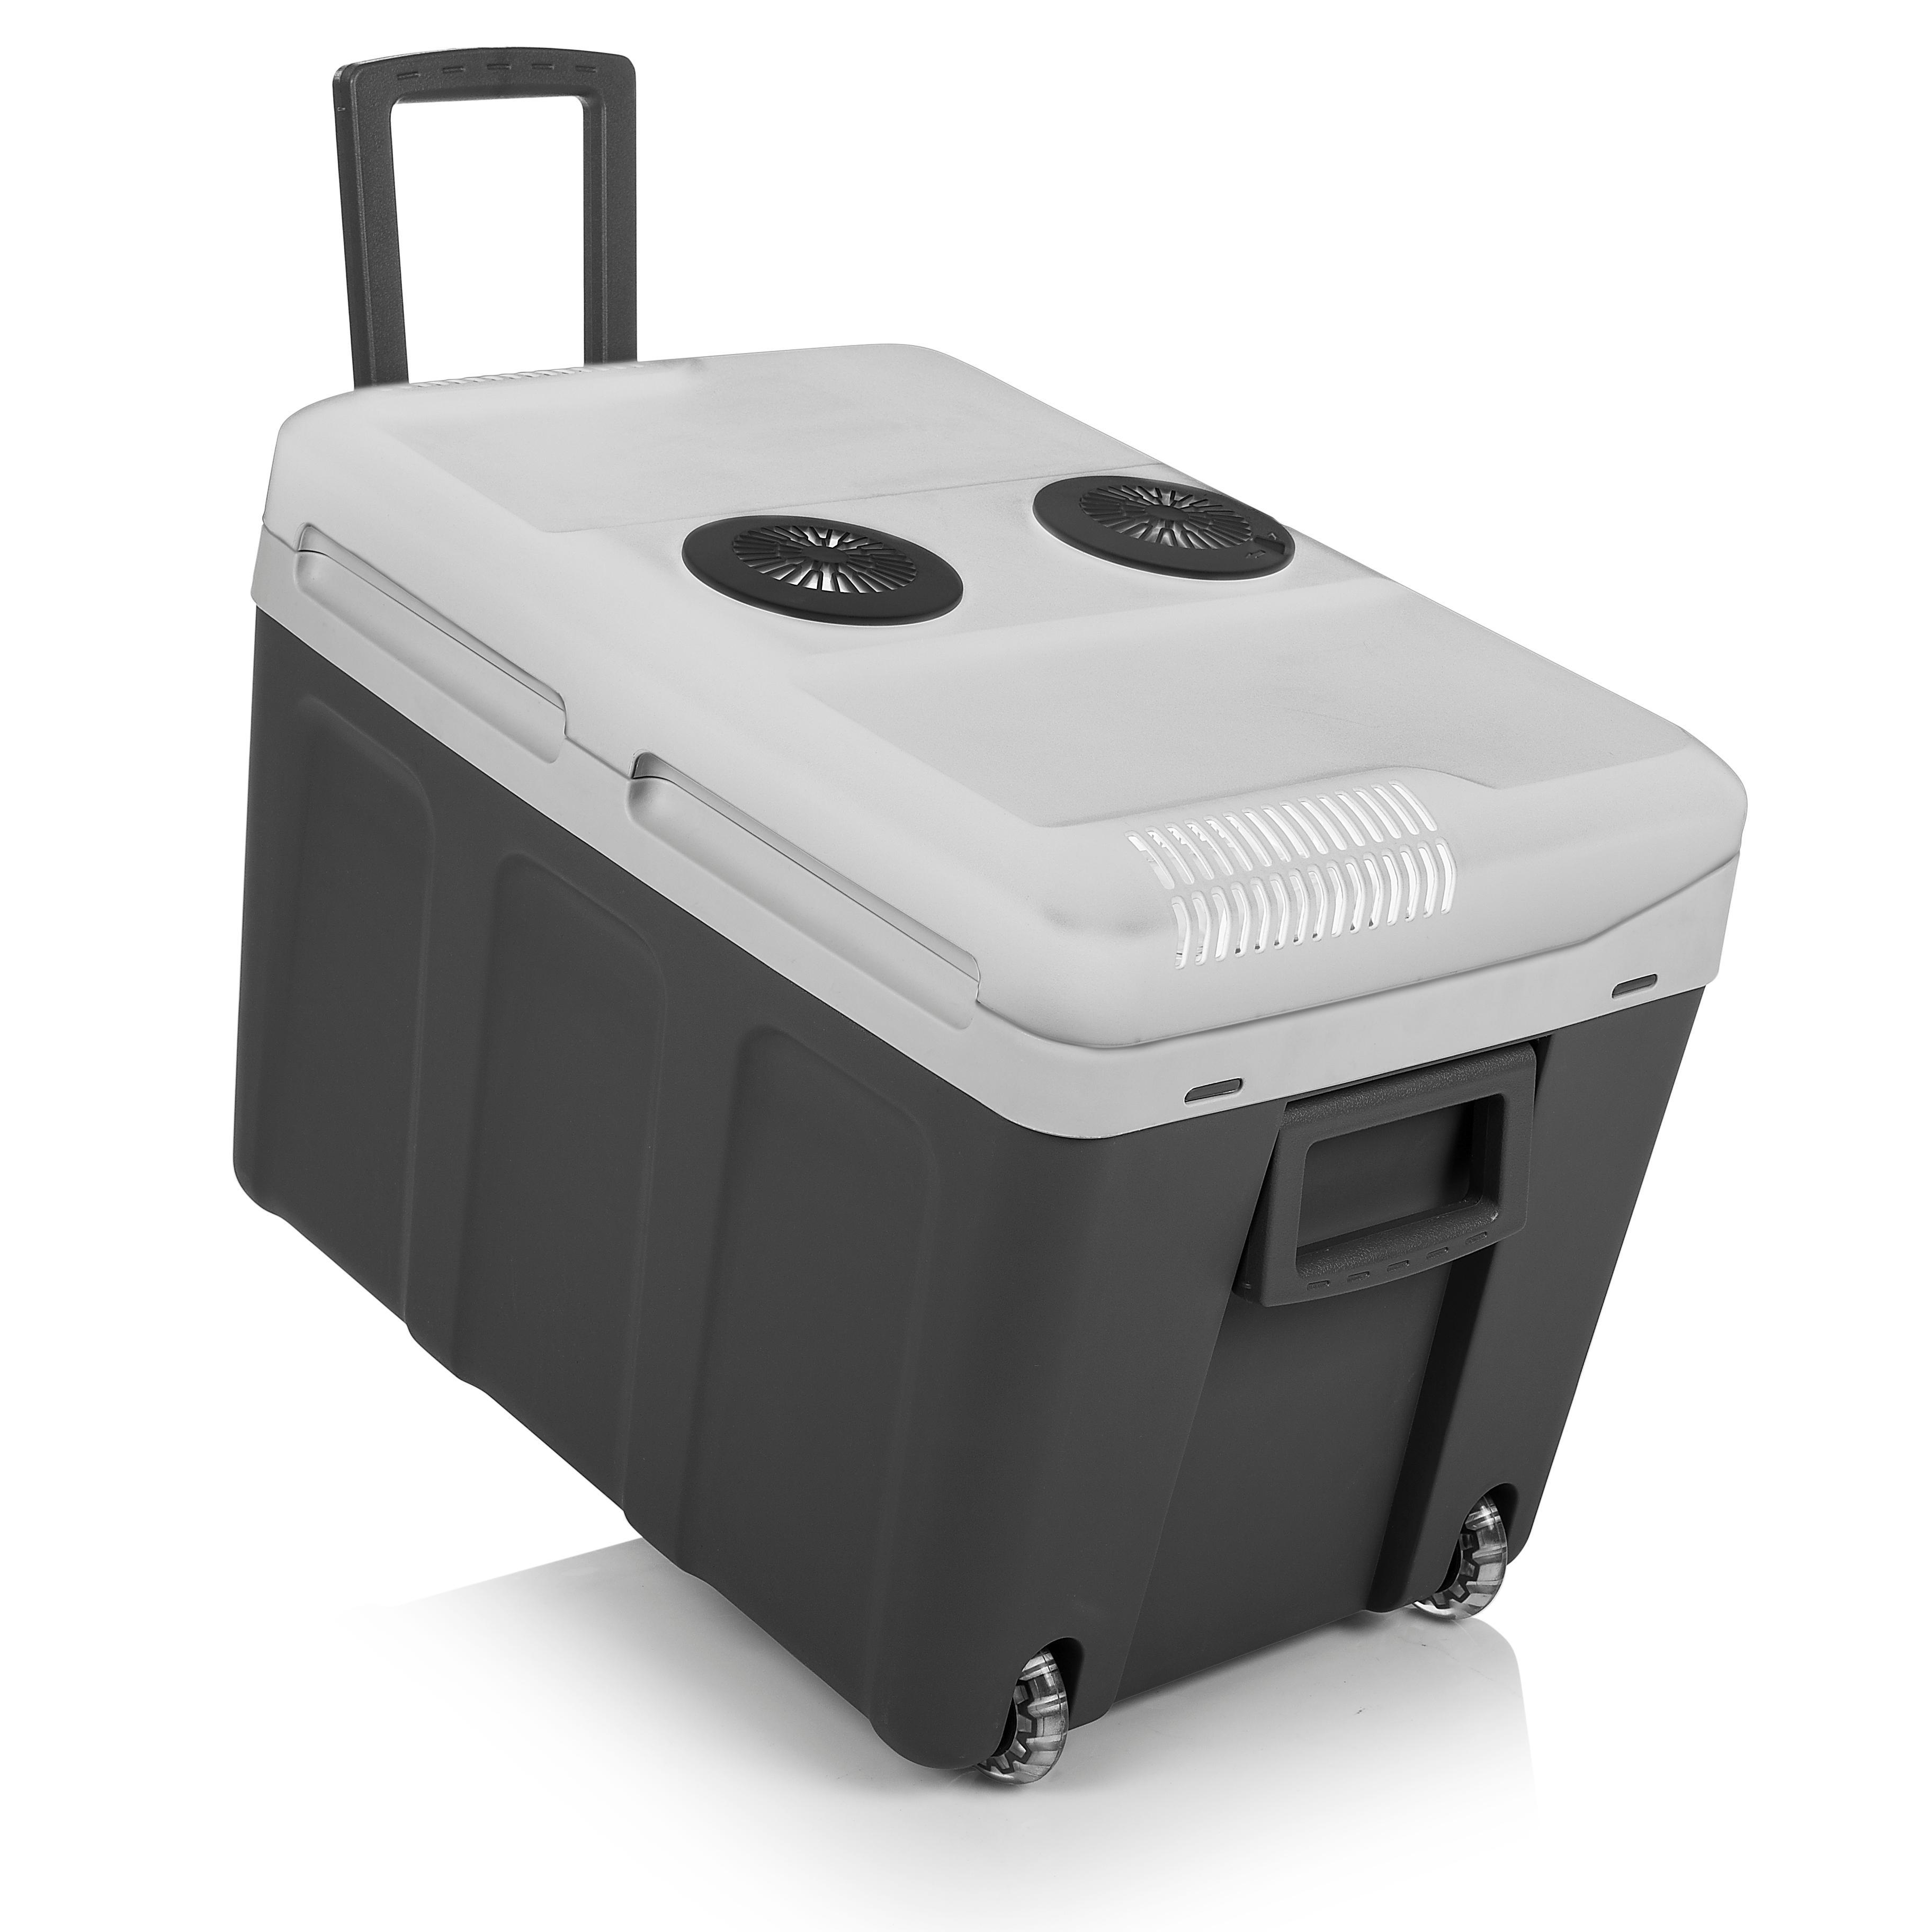 tristar kb 7540 k hlbox mit bequemem trolley fassungsverm gen 40 liter auto. Black Bedroom Furniture Sets. Home Design Ideas